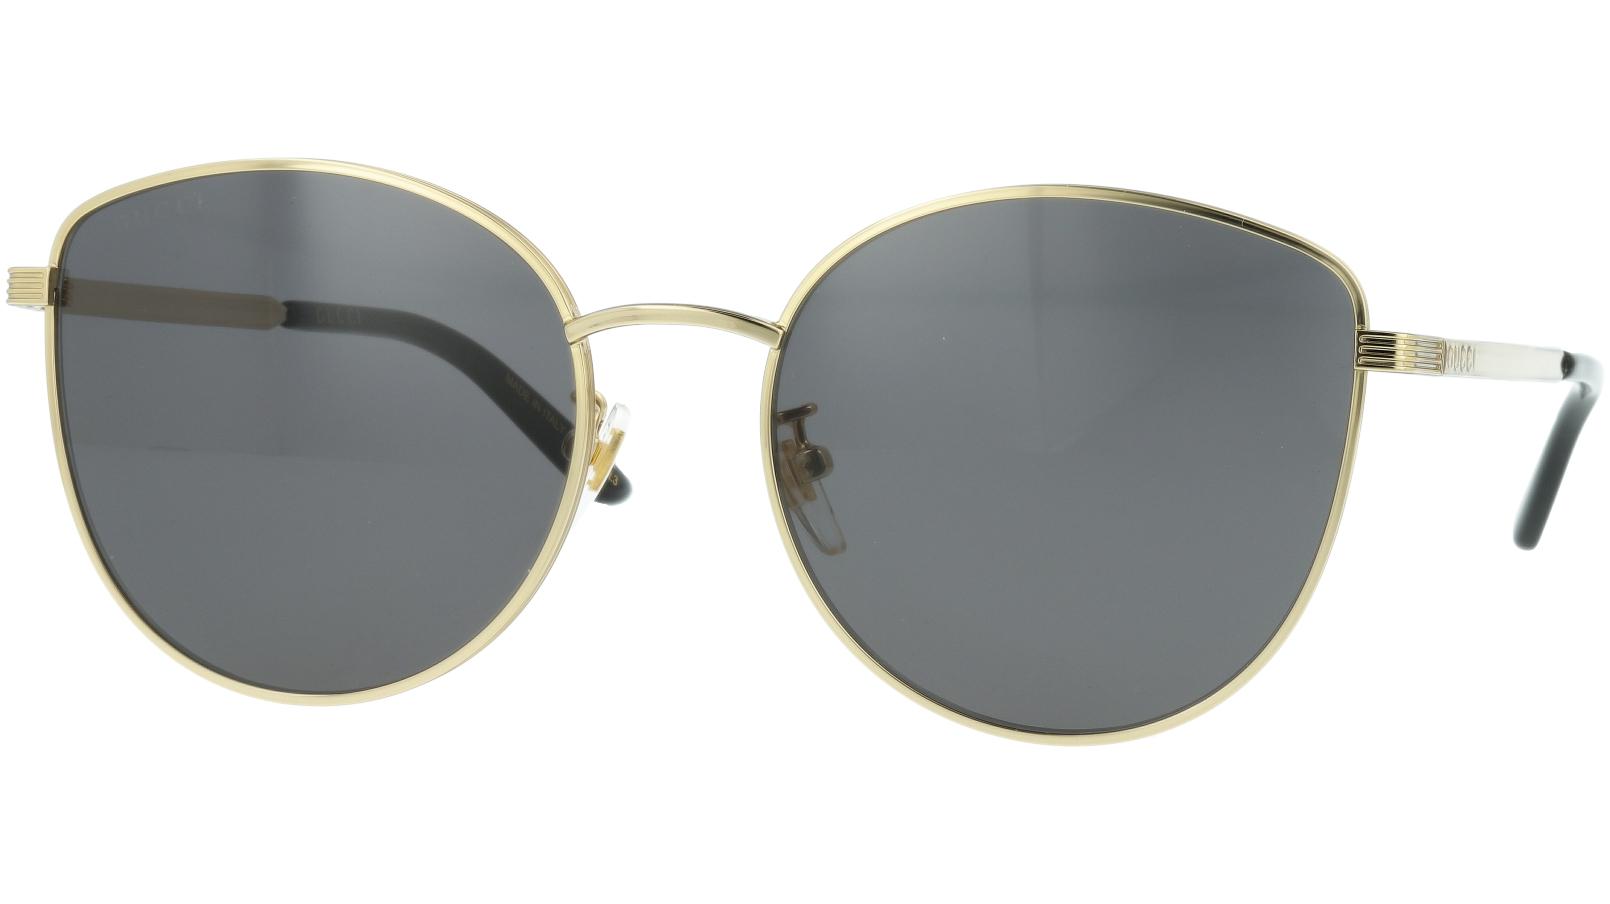 Gucci GG0807SA 001 58 Gold Sunglasses